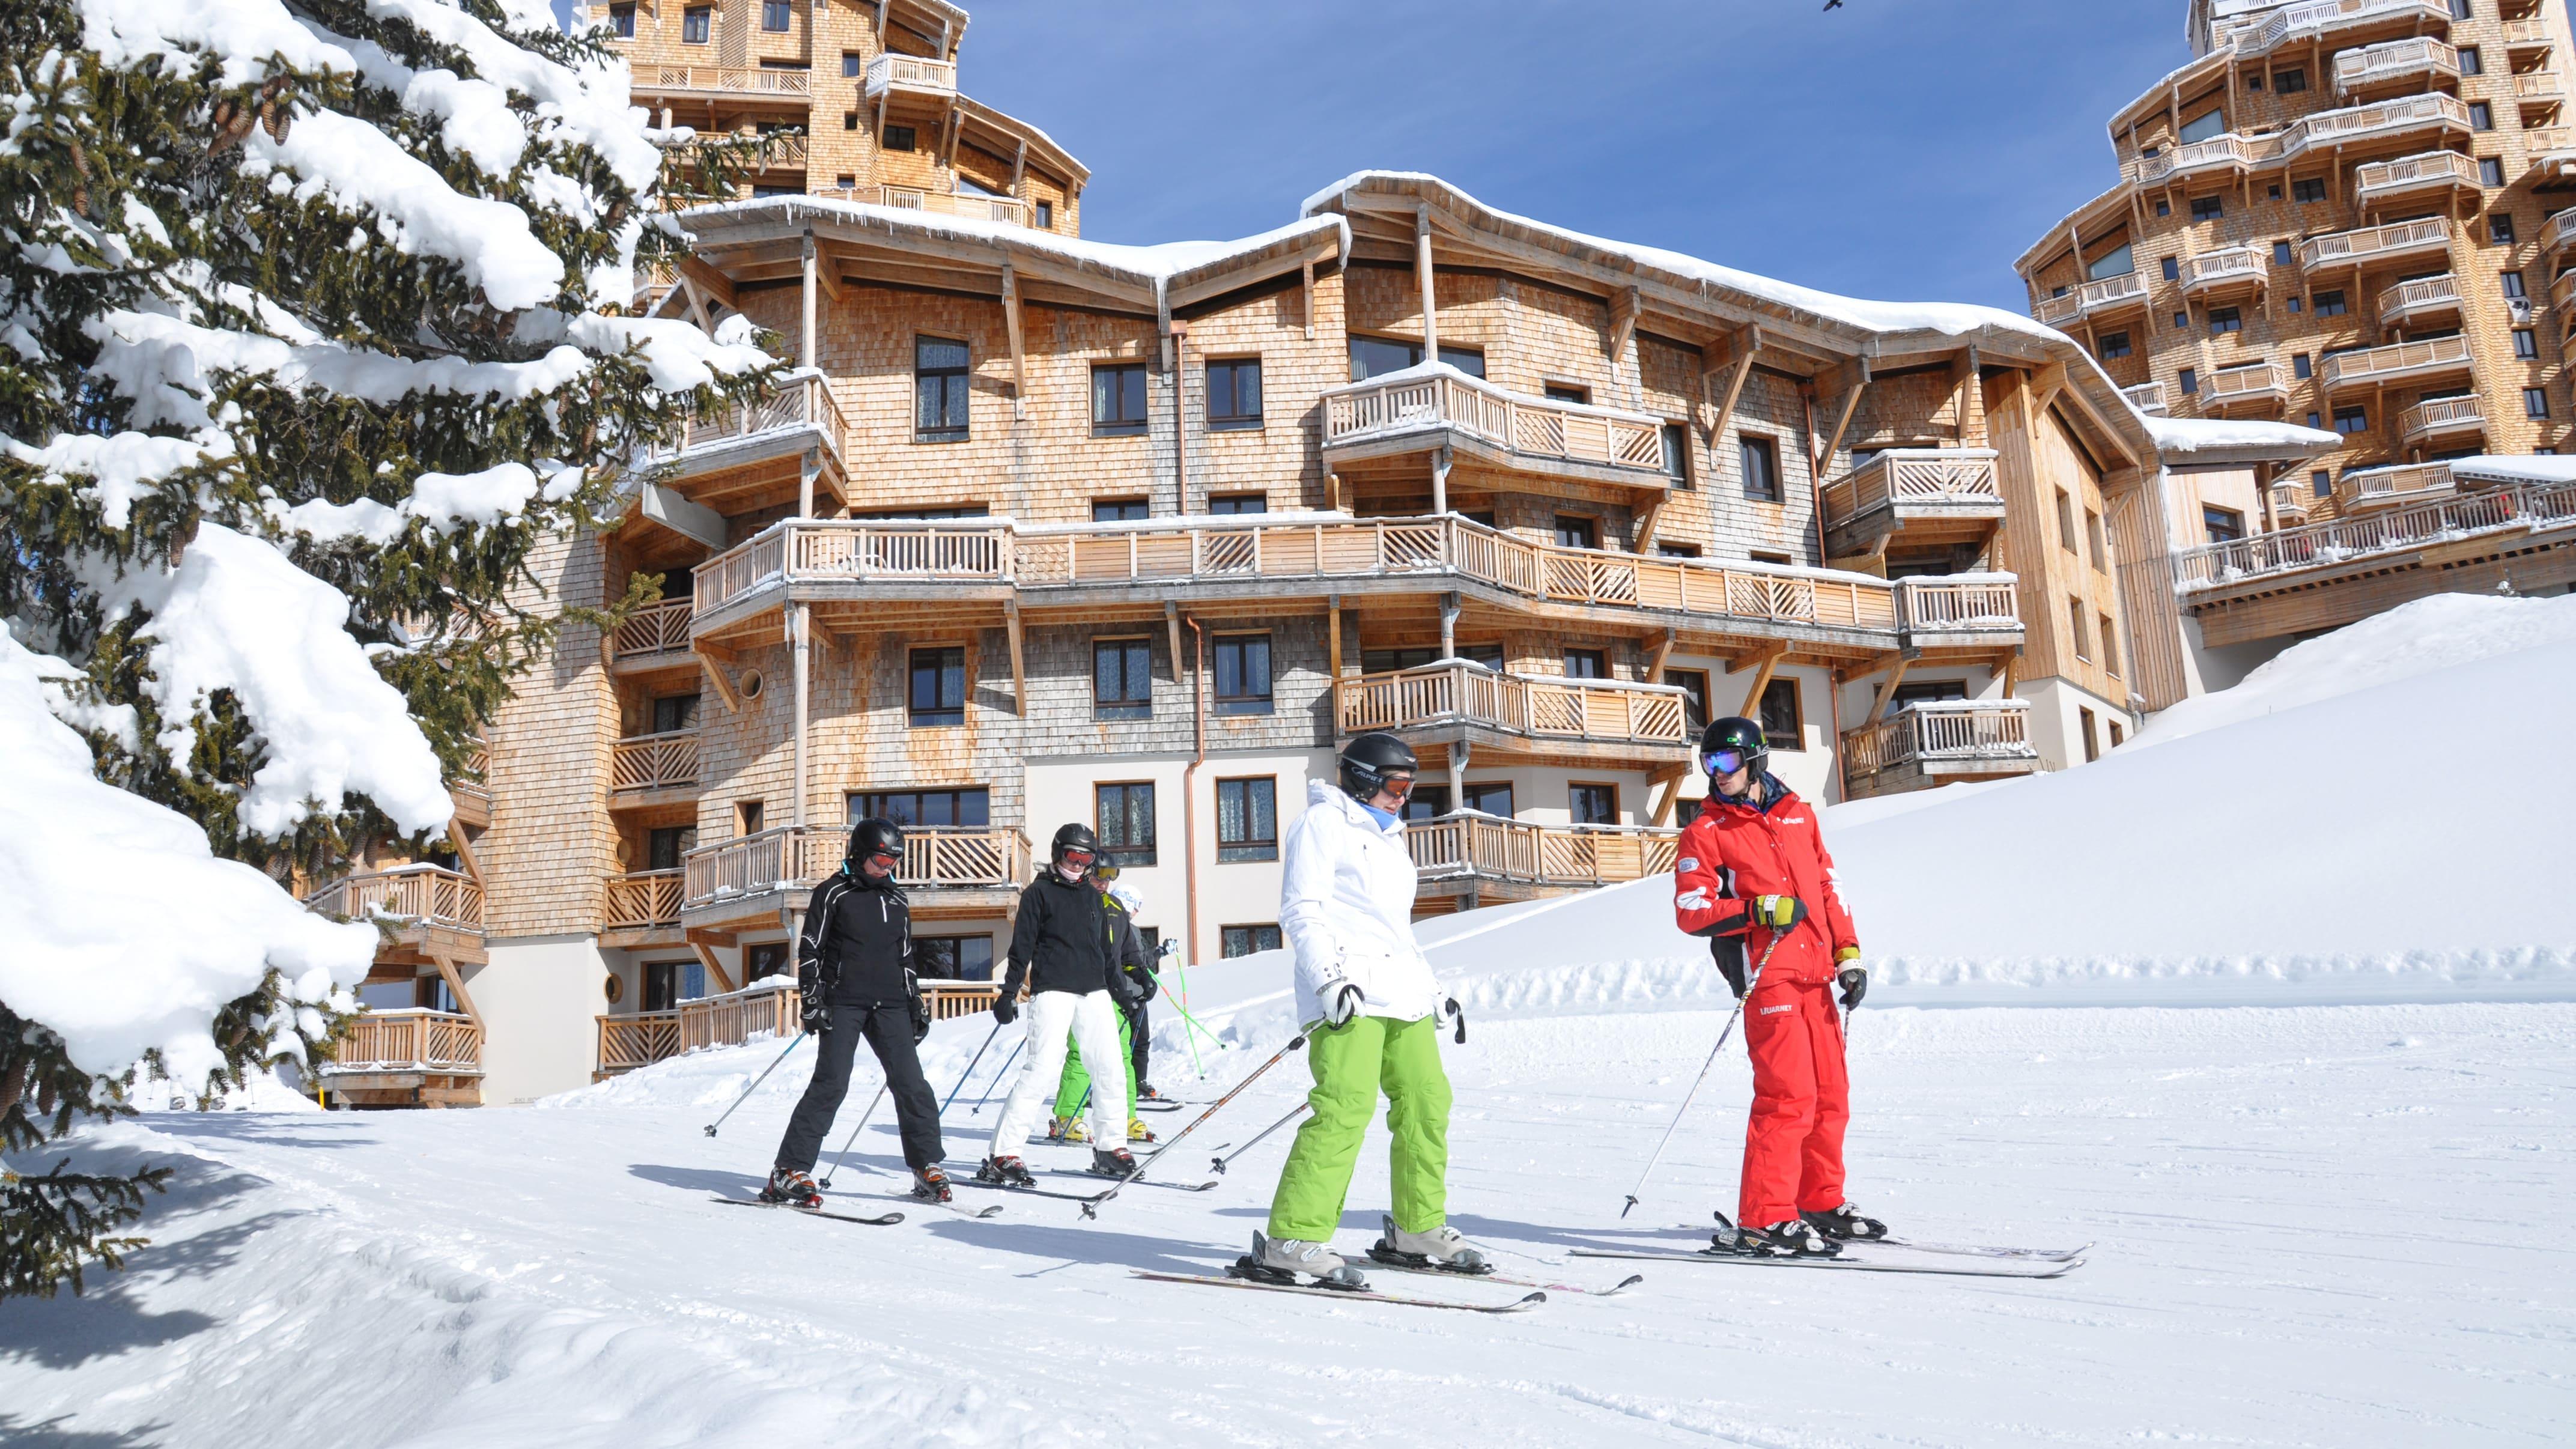 Skiers in Avoriaz